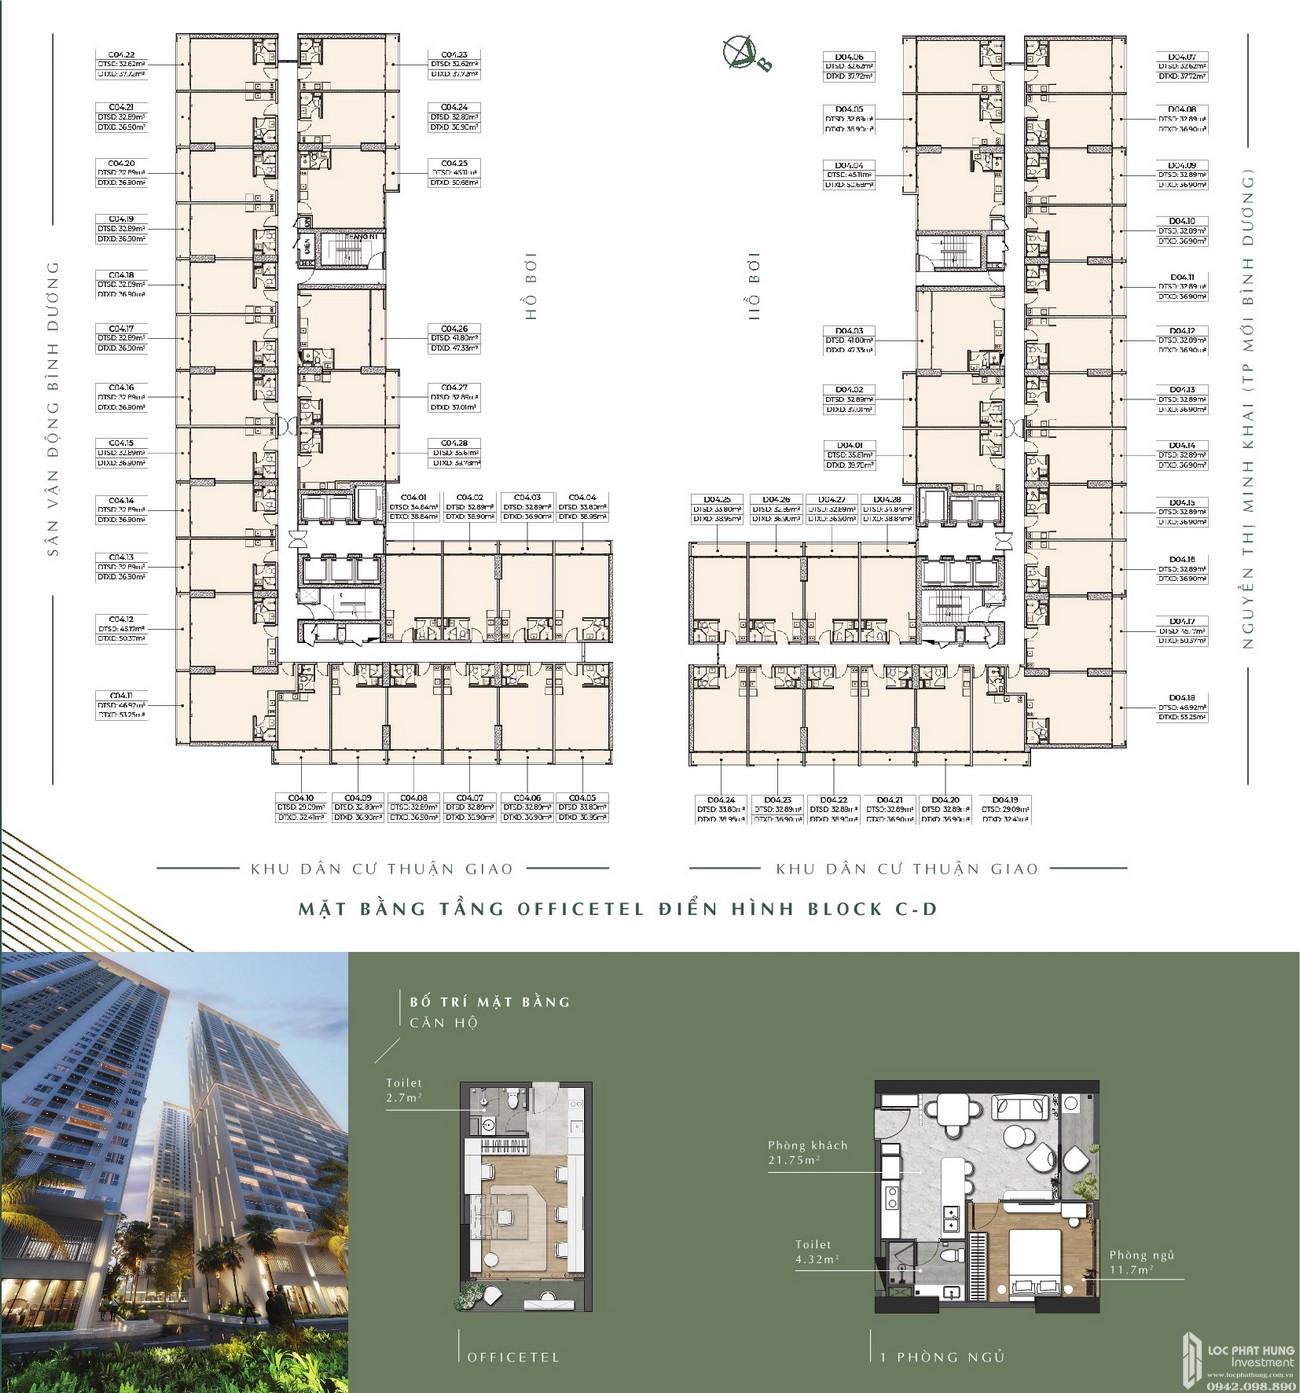 Mặt bằng dự án căn hộ chung cư Anderson Park Thuận An Đường Quốc lộ 13 chủ đầu tư Ngọc Điền (RubyLand)